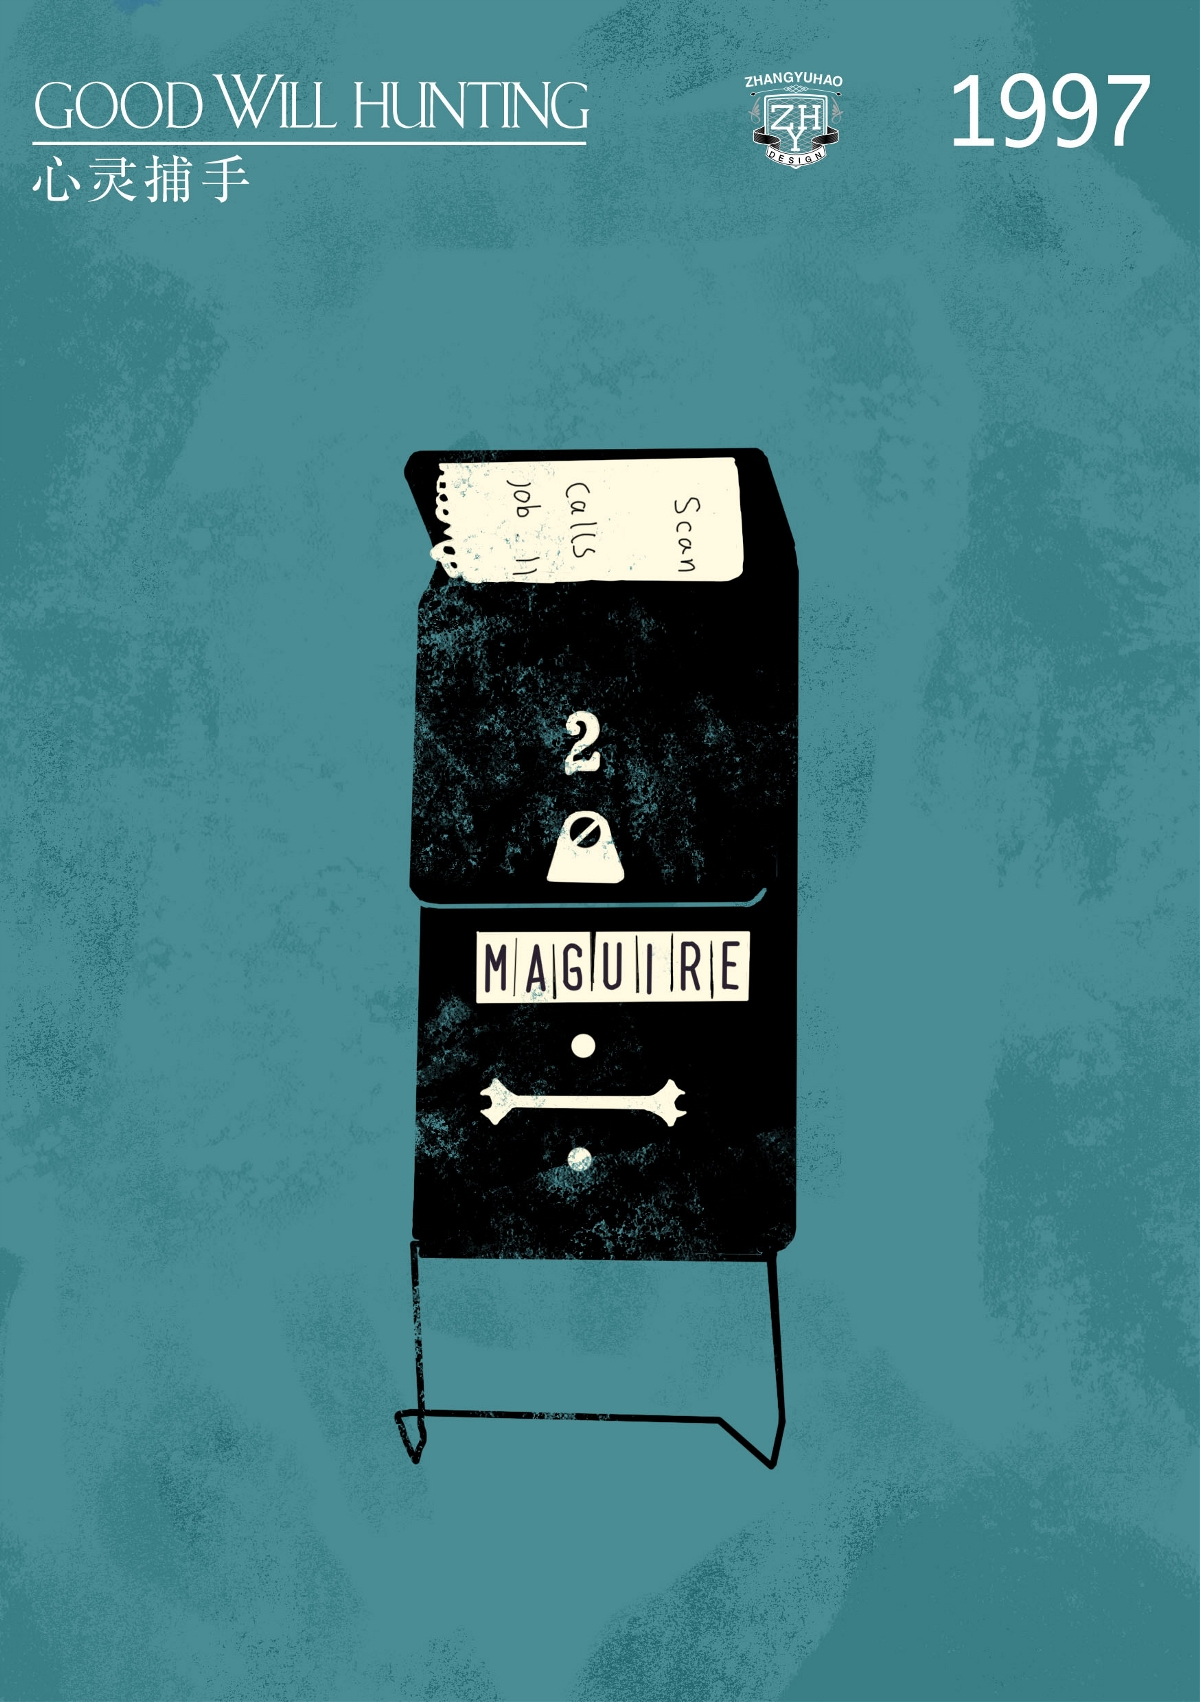 《心灵捕手》:一场找寻自我的旅途